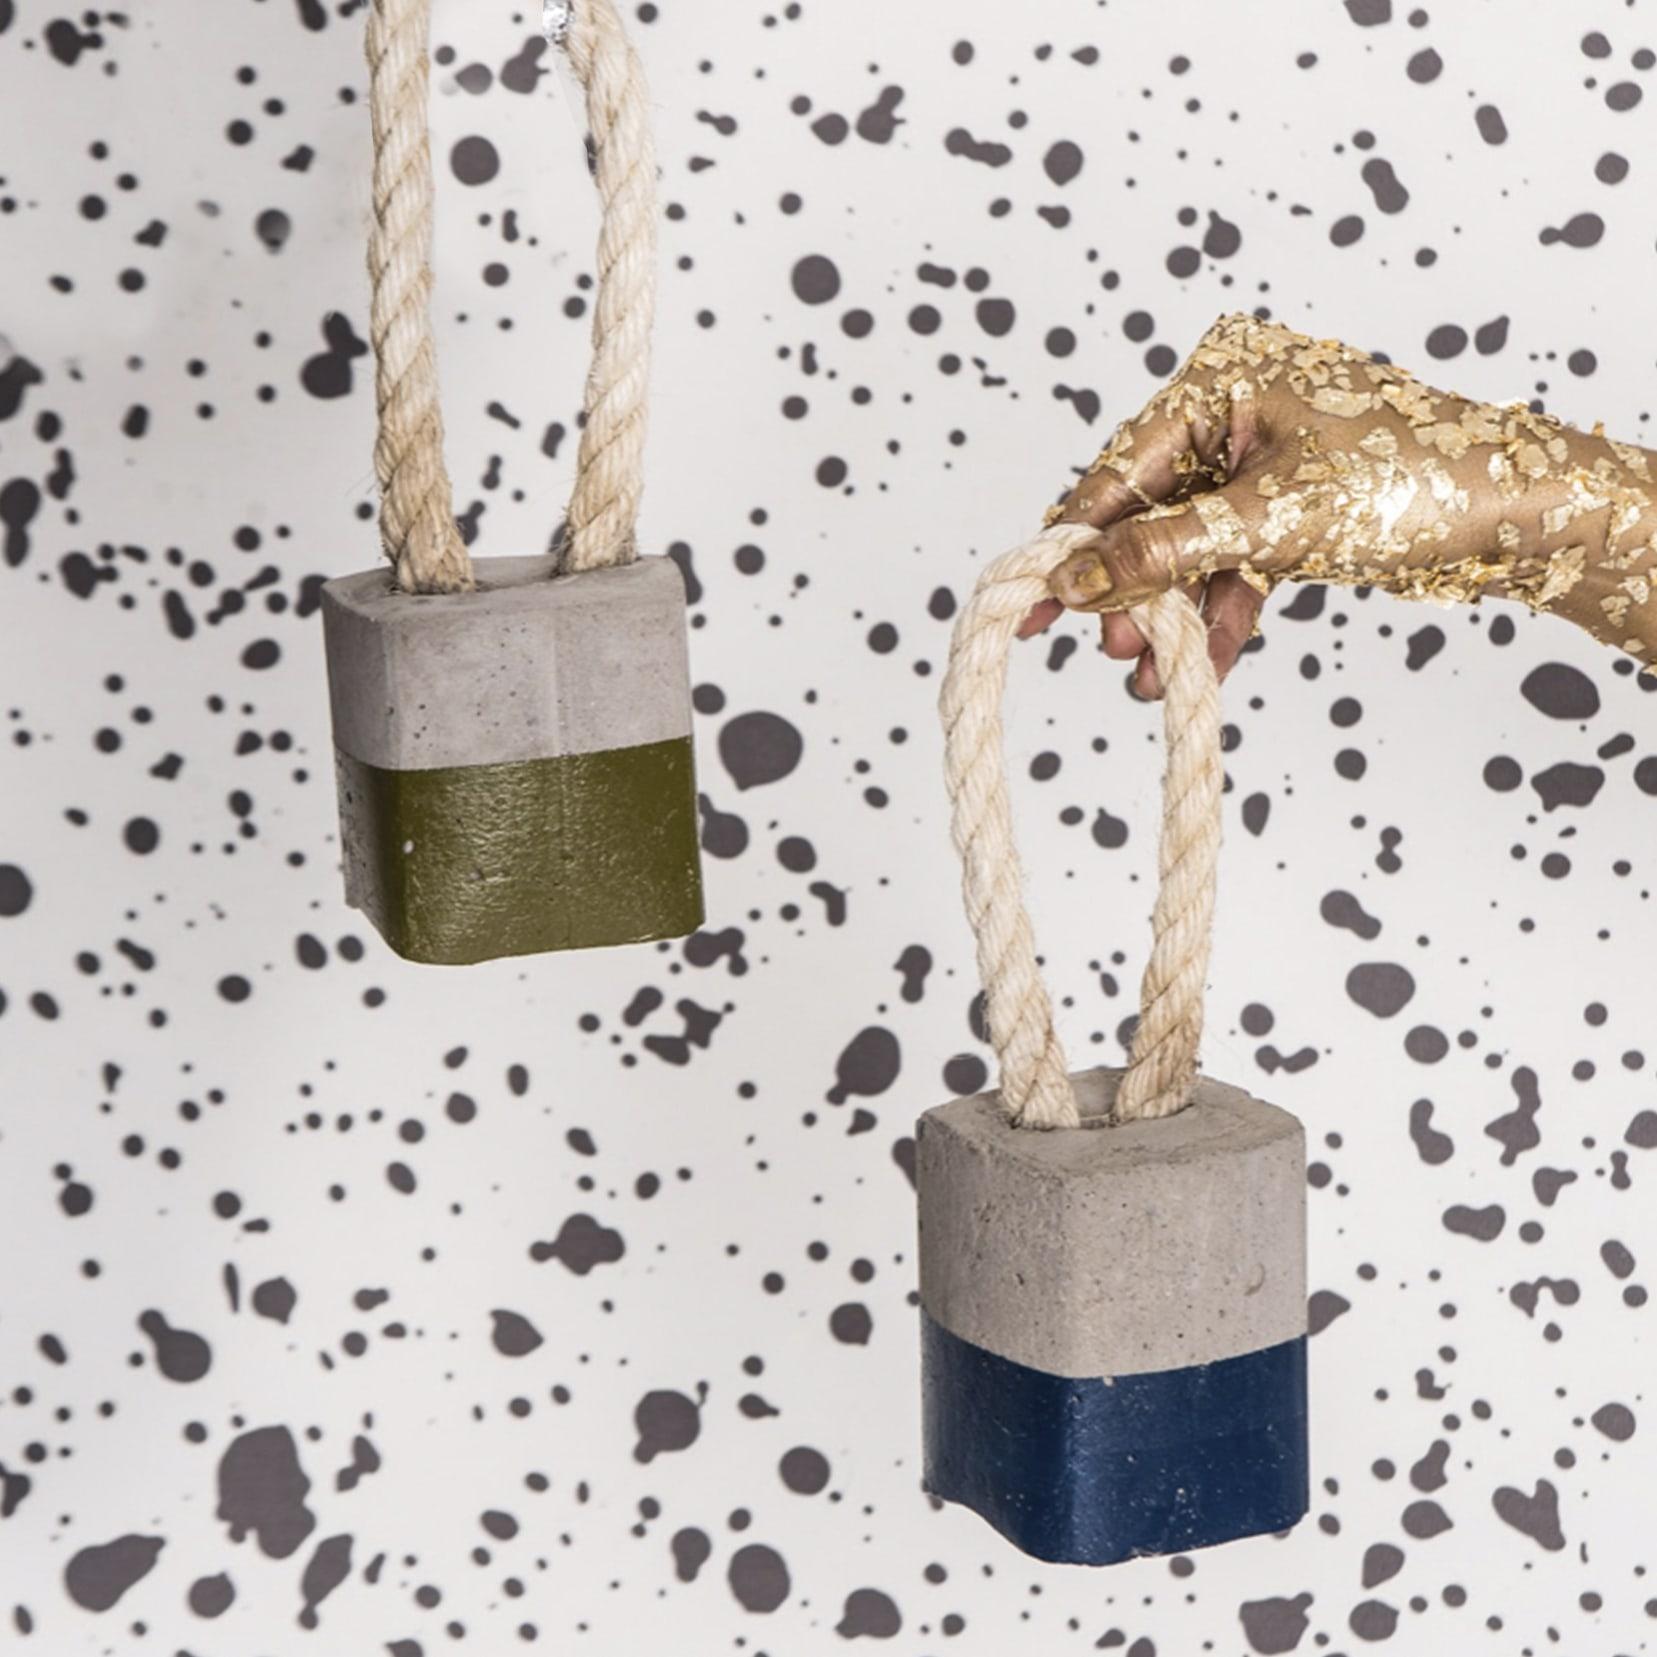 Descarga una guía de concreto con los tipos de moldes